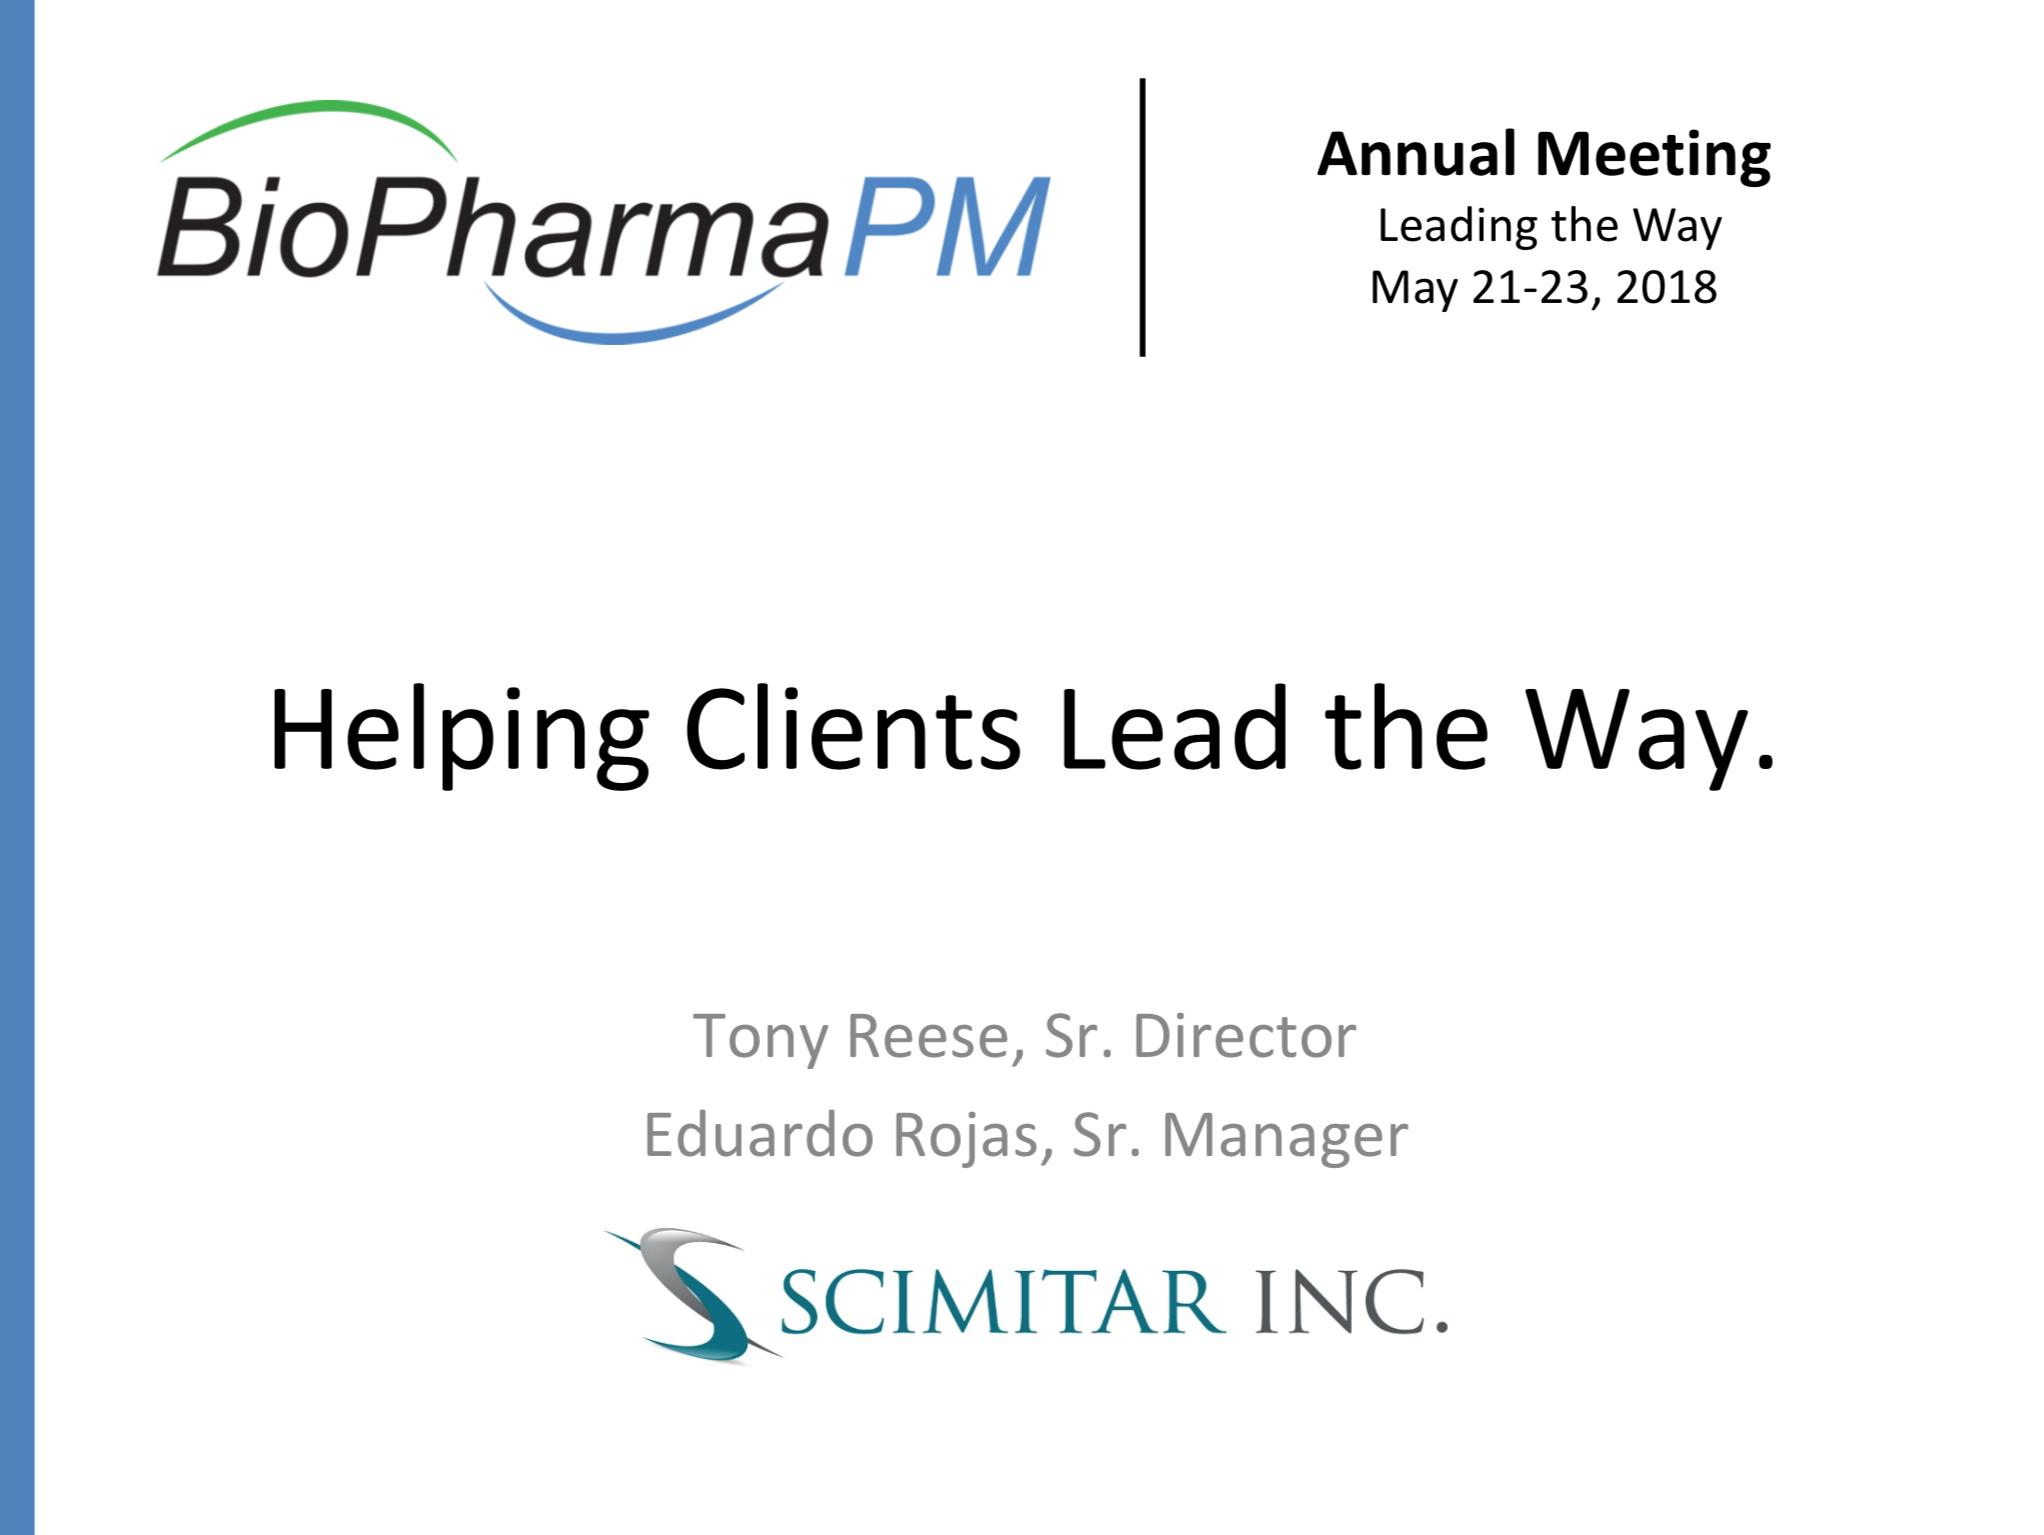 Tony Reese and Eduardo Rojas   Scimitar, Inc.